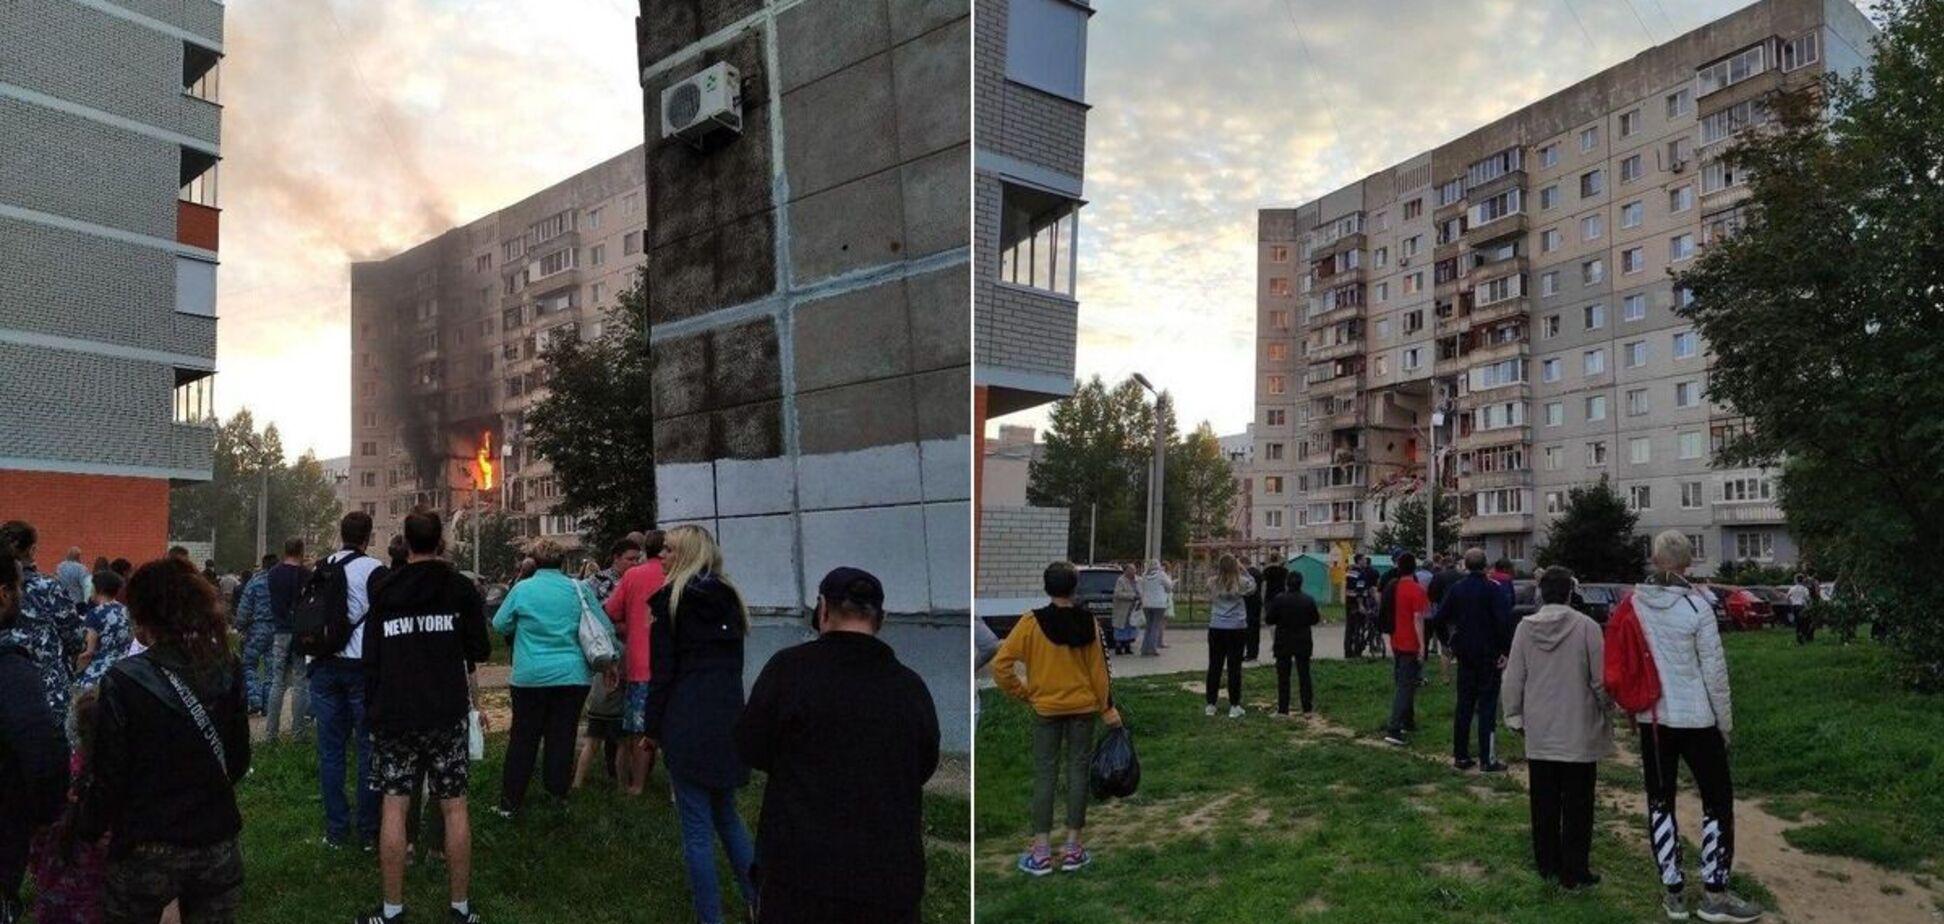 У Ярославлі вибух газу зруйнував кілька поверхів у житловому будинку, є жертва і поранені. Фото і відео з місця НП